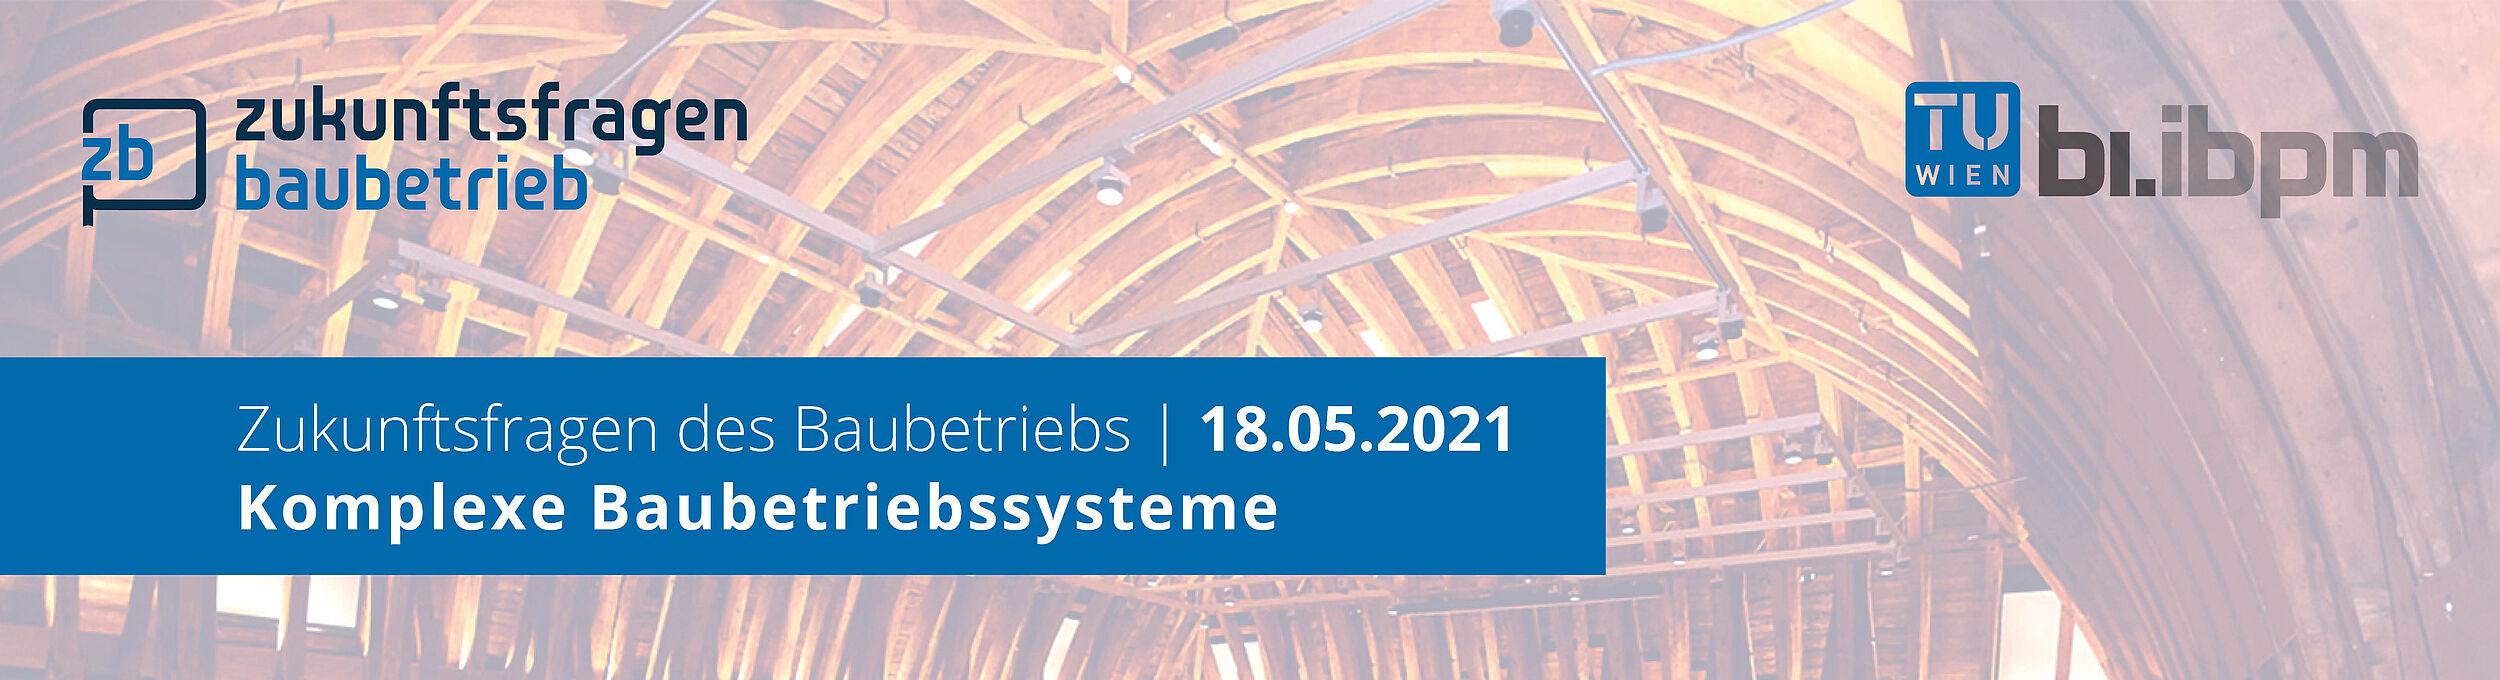 Zukunftsfragen des Baubetriebs - Komplexe Baubetriebssysteme, 14.5.2020